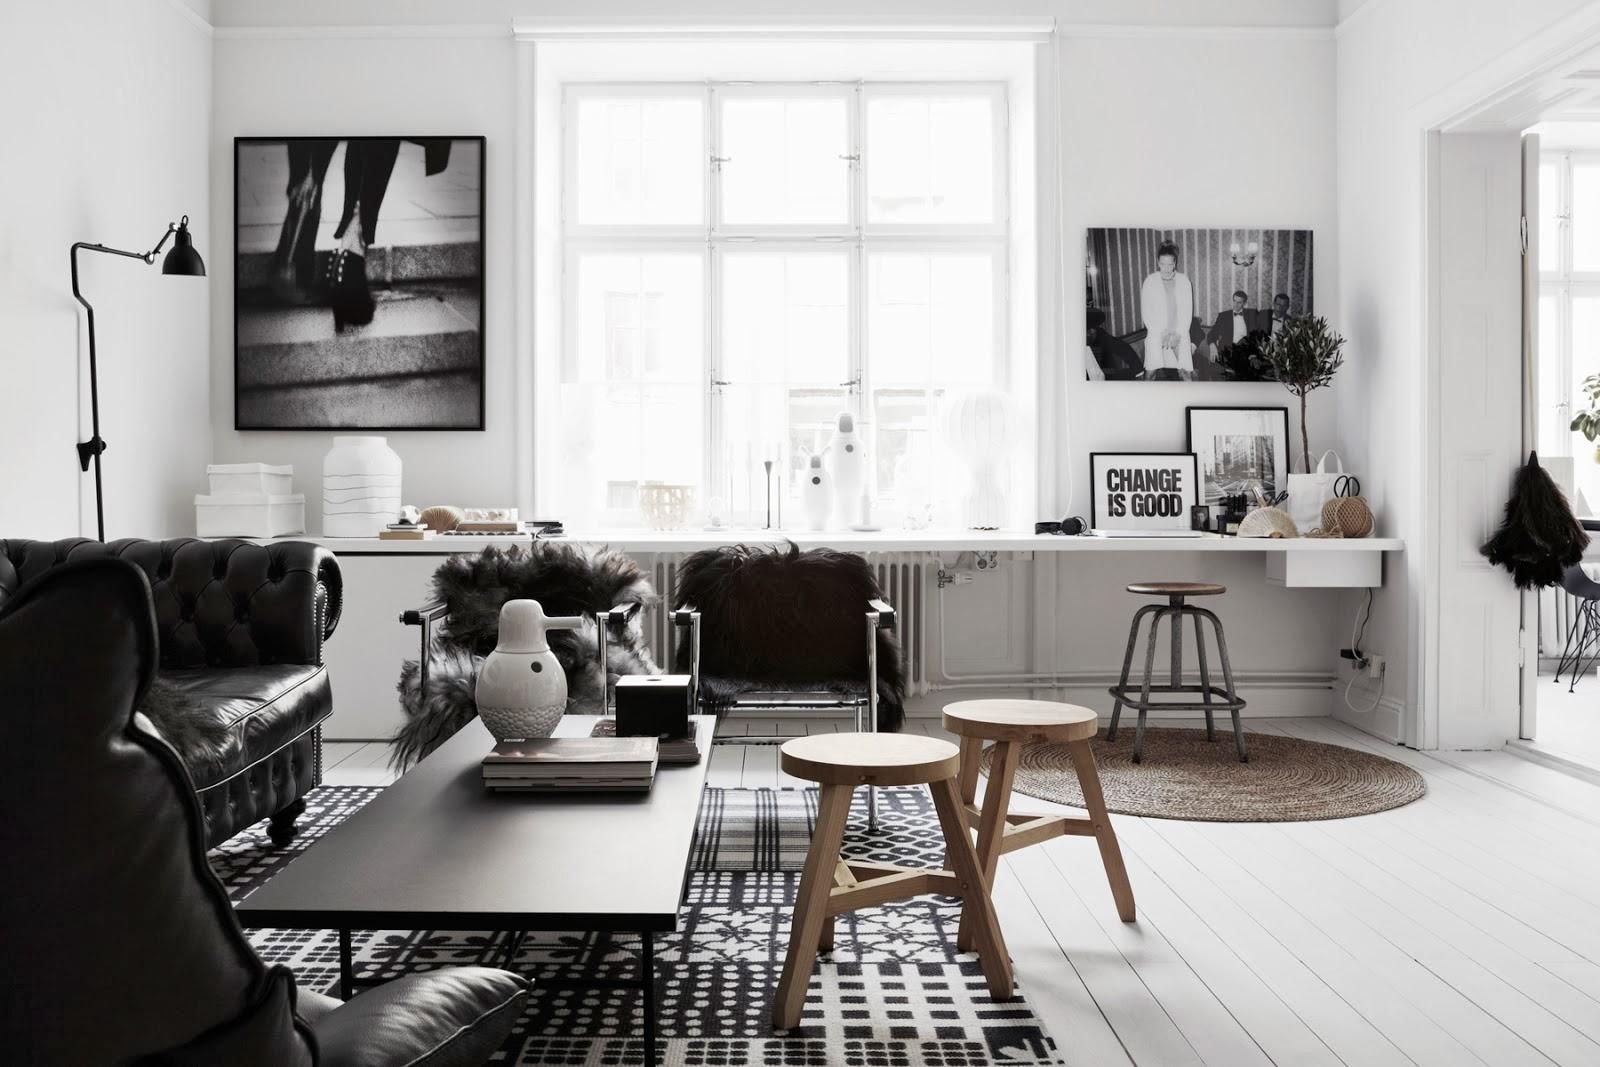 la petite fabrique de r ves black white chez la graphiste therese sennerholt. Black Bedroom Furniture Sets. Home Design Ideas